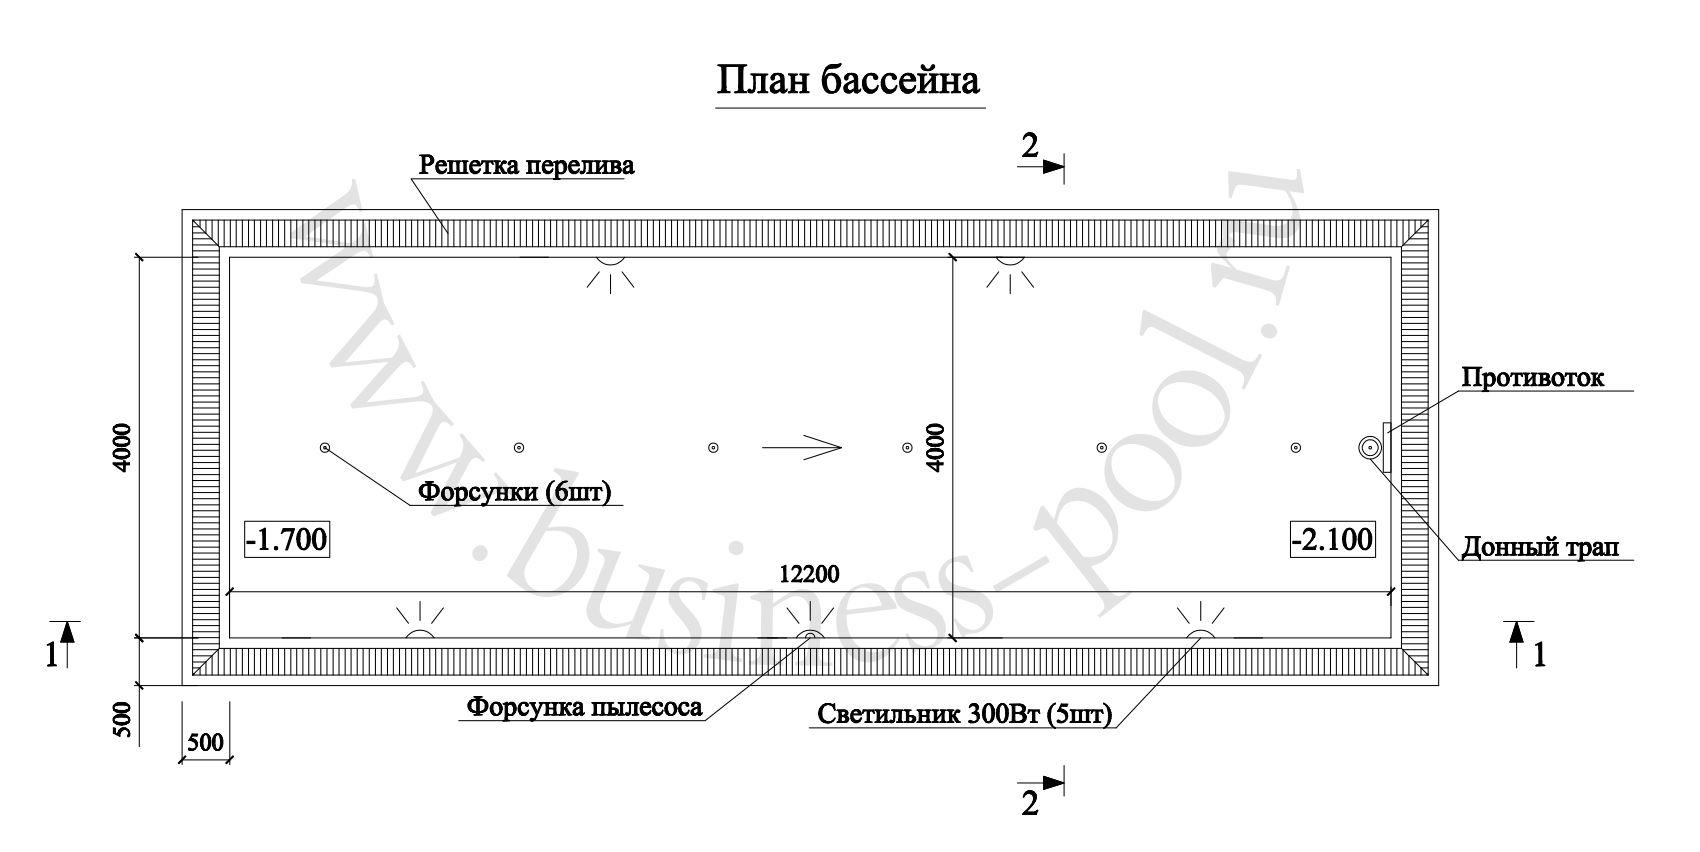 Планировка проекта тз-0019-п